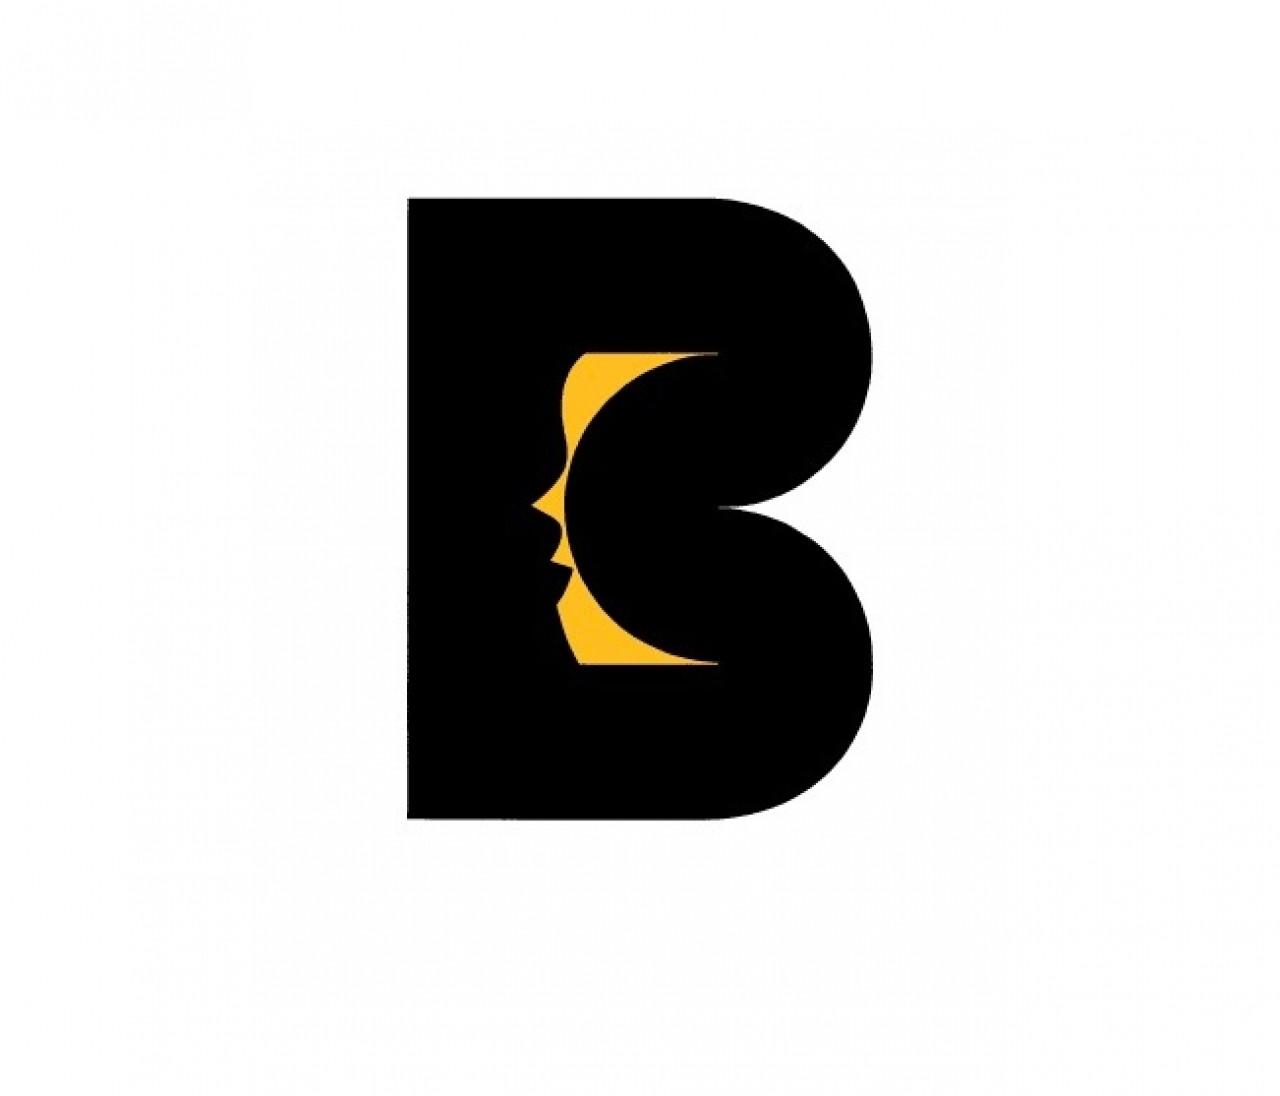 withコロナ時代の進化系エンタメ!ドライブインシアター【「B-THEATER」で楽しむ名作映画】